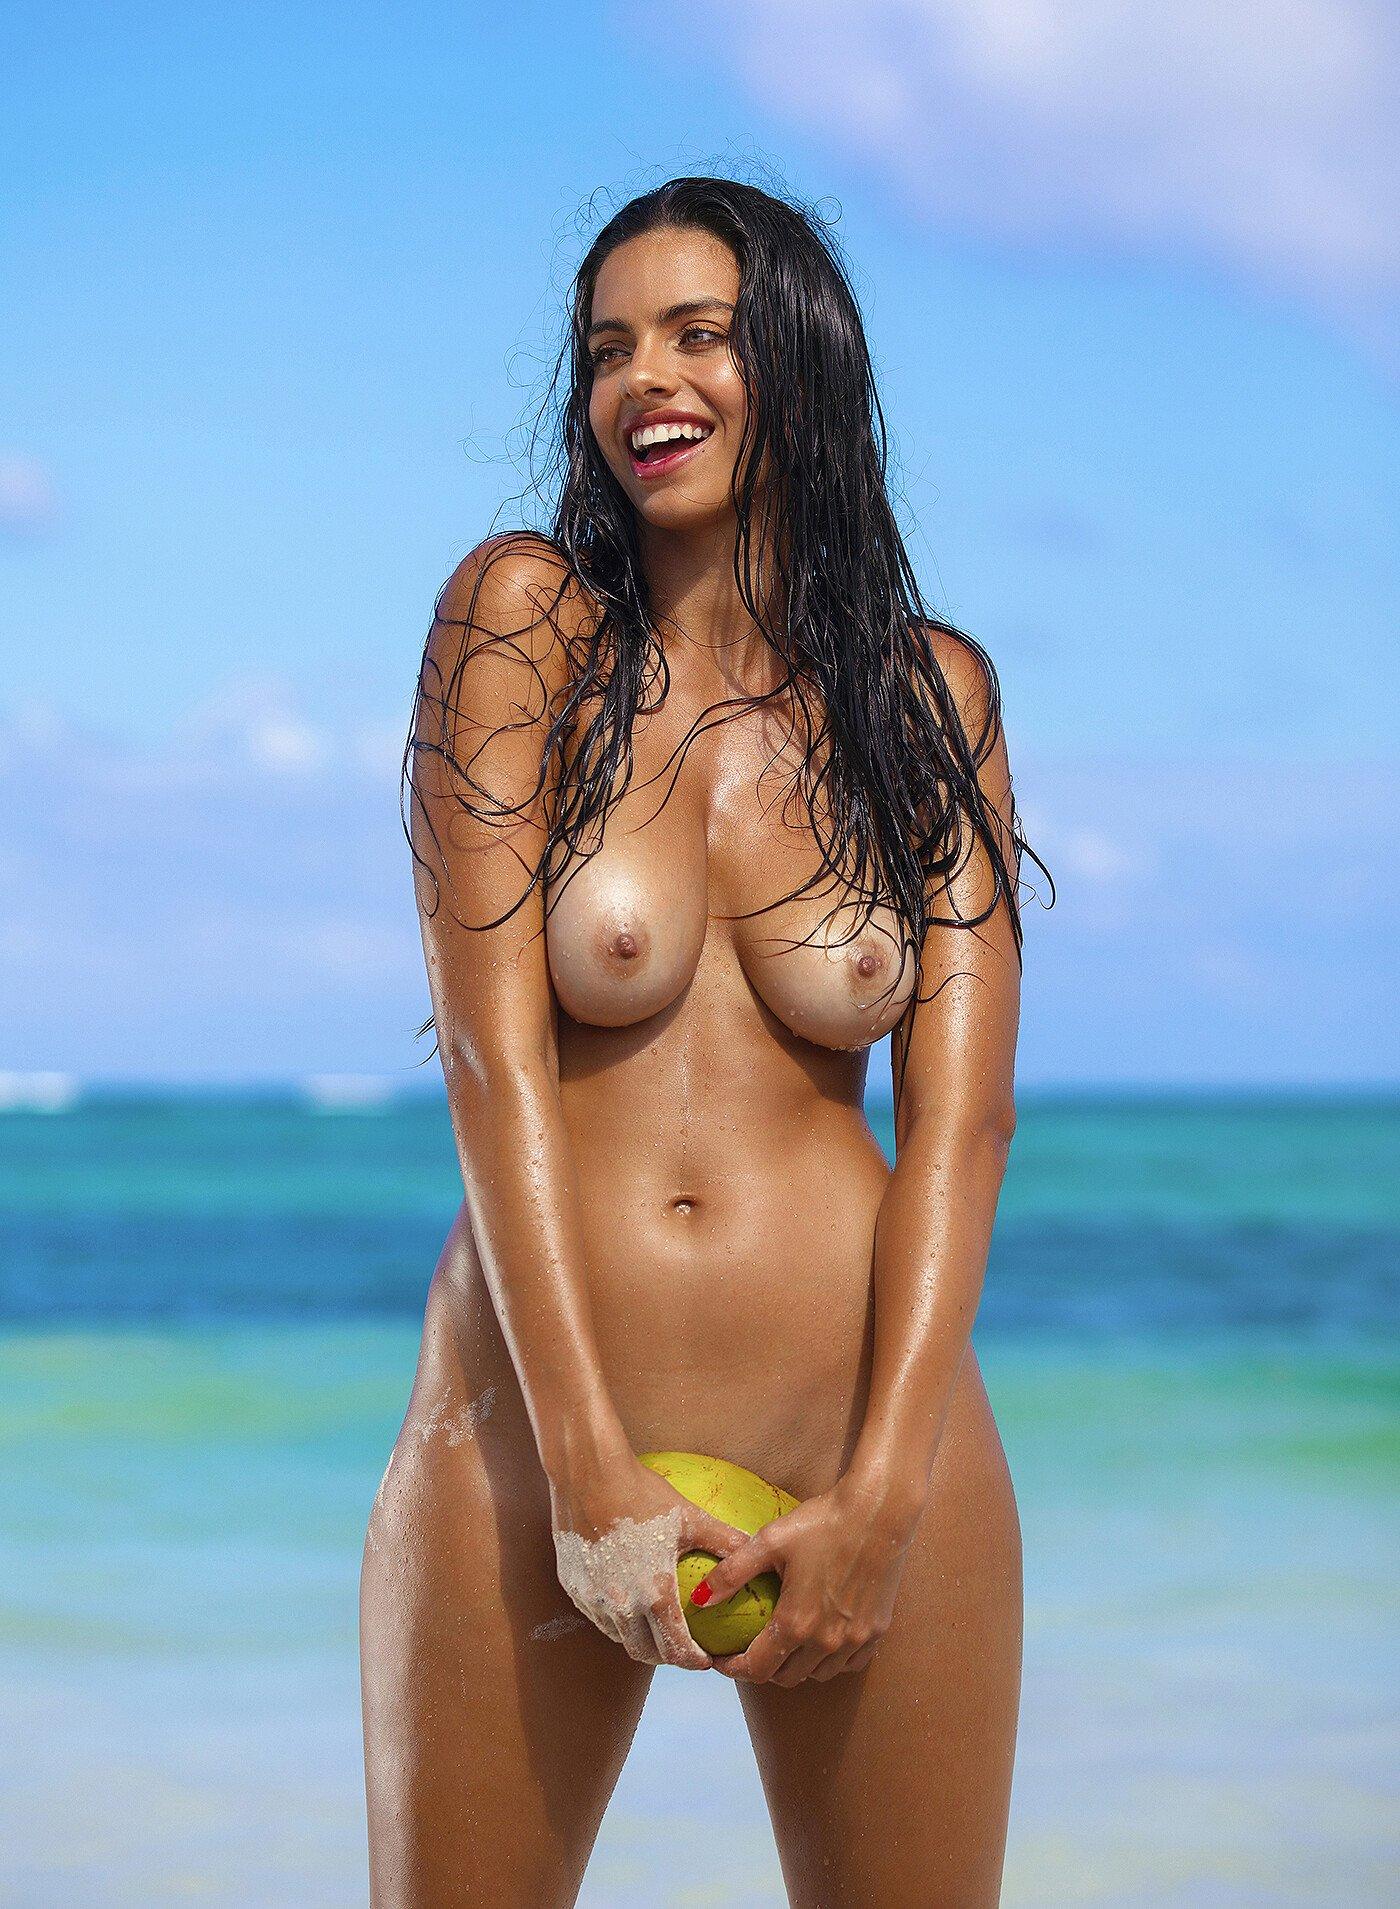 Priscilla Huggins Ortiz - Ana Dias photoshoot